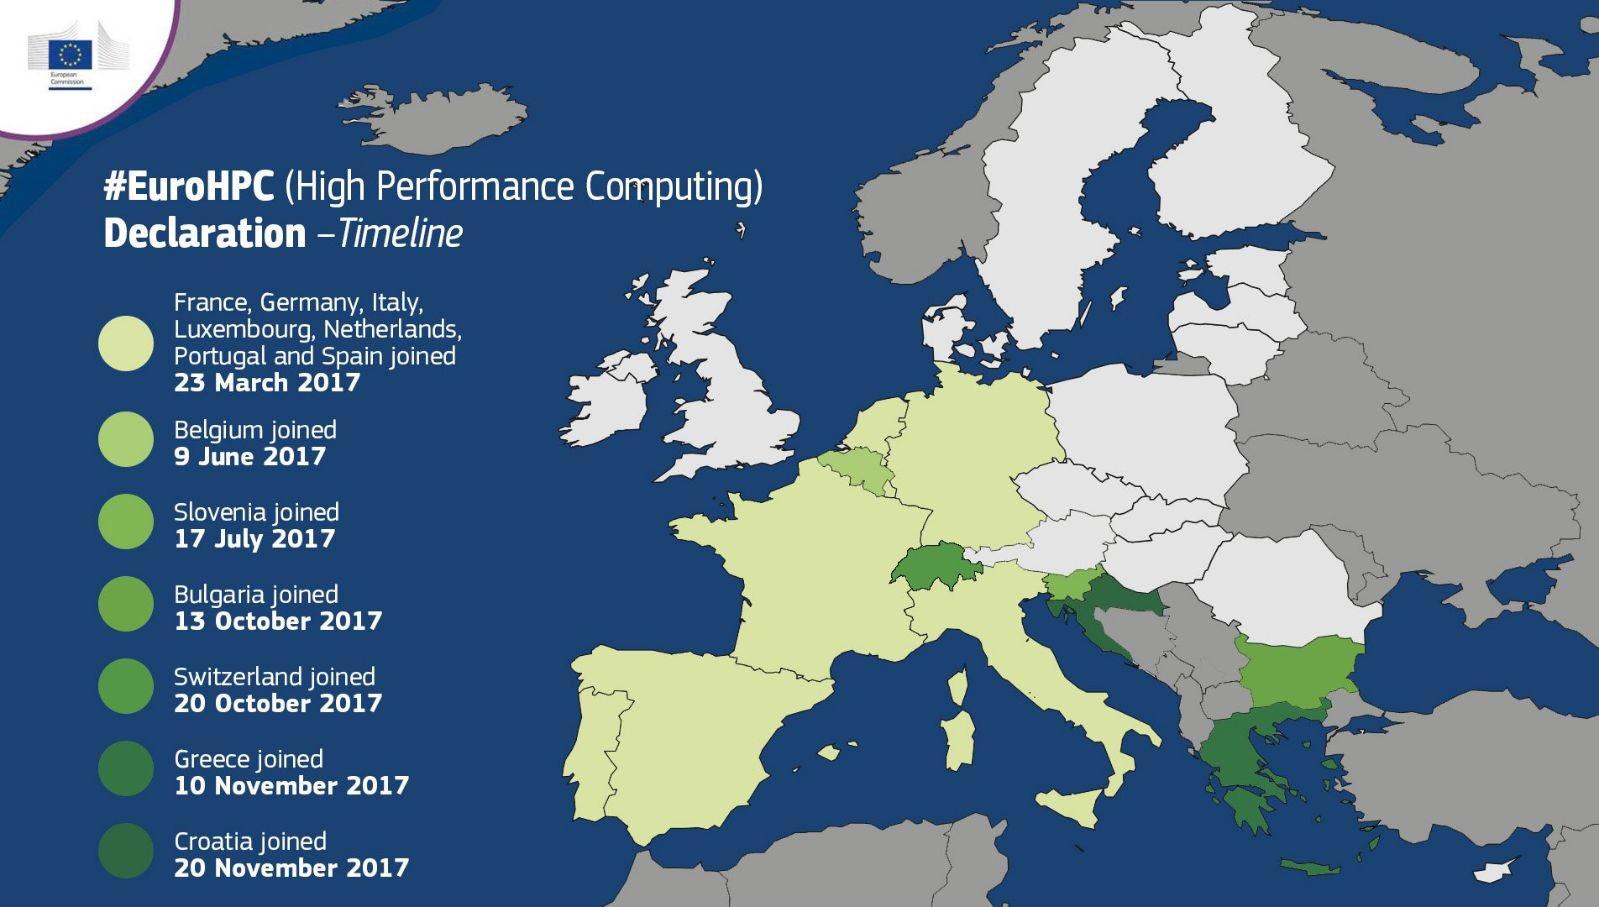 Bruxelles propose d'investir un milliard d'euros dans des superordinateurs européens